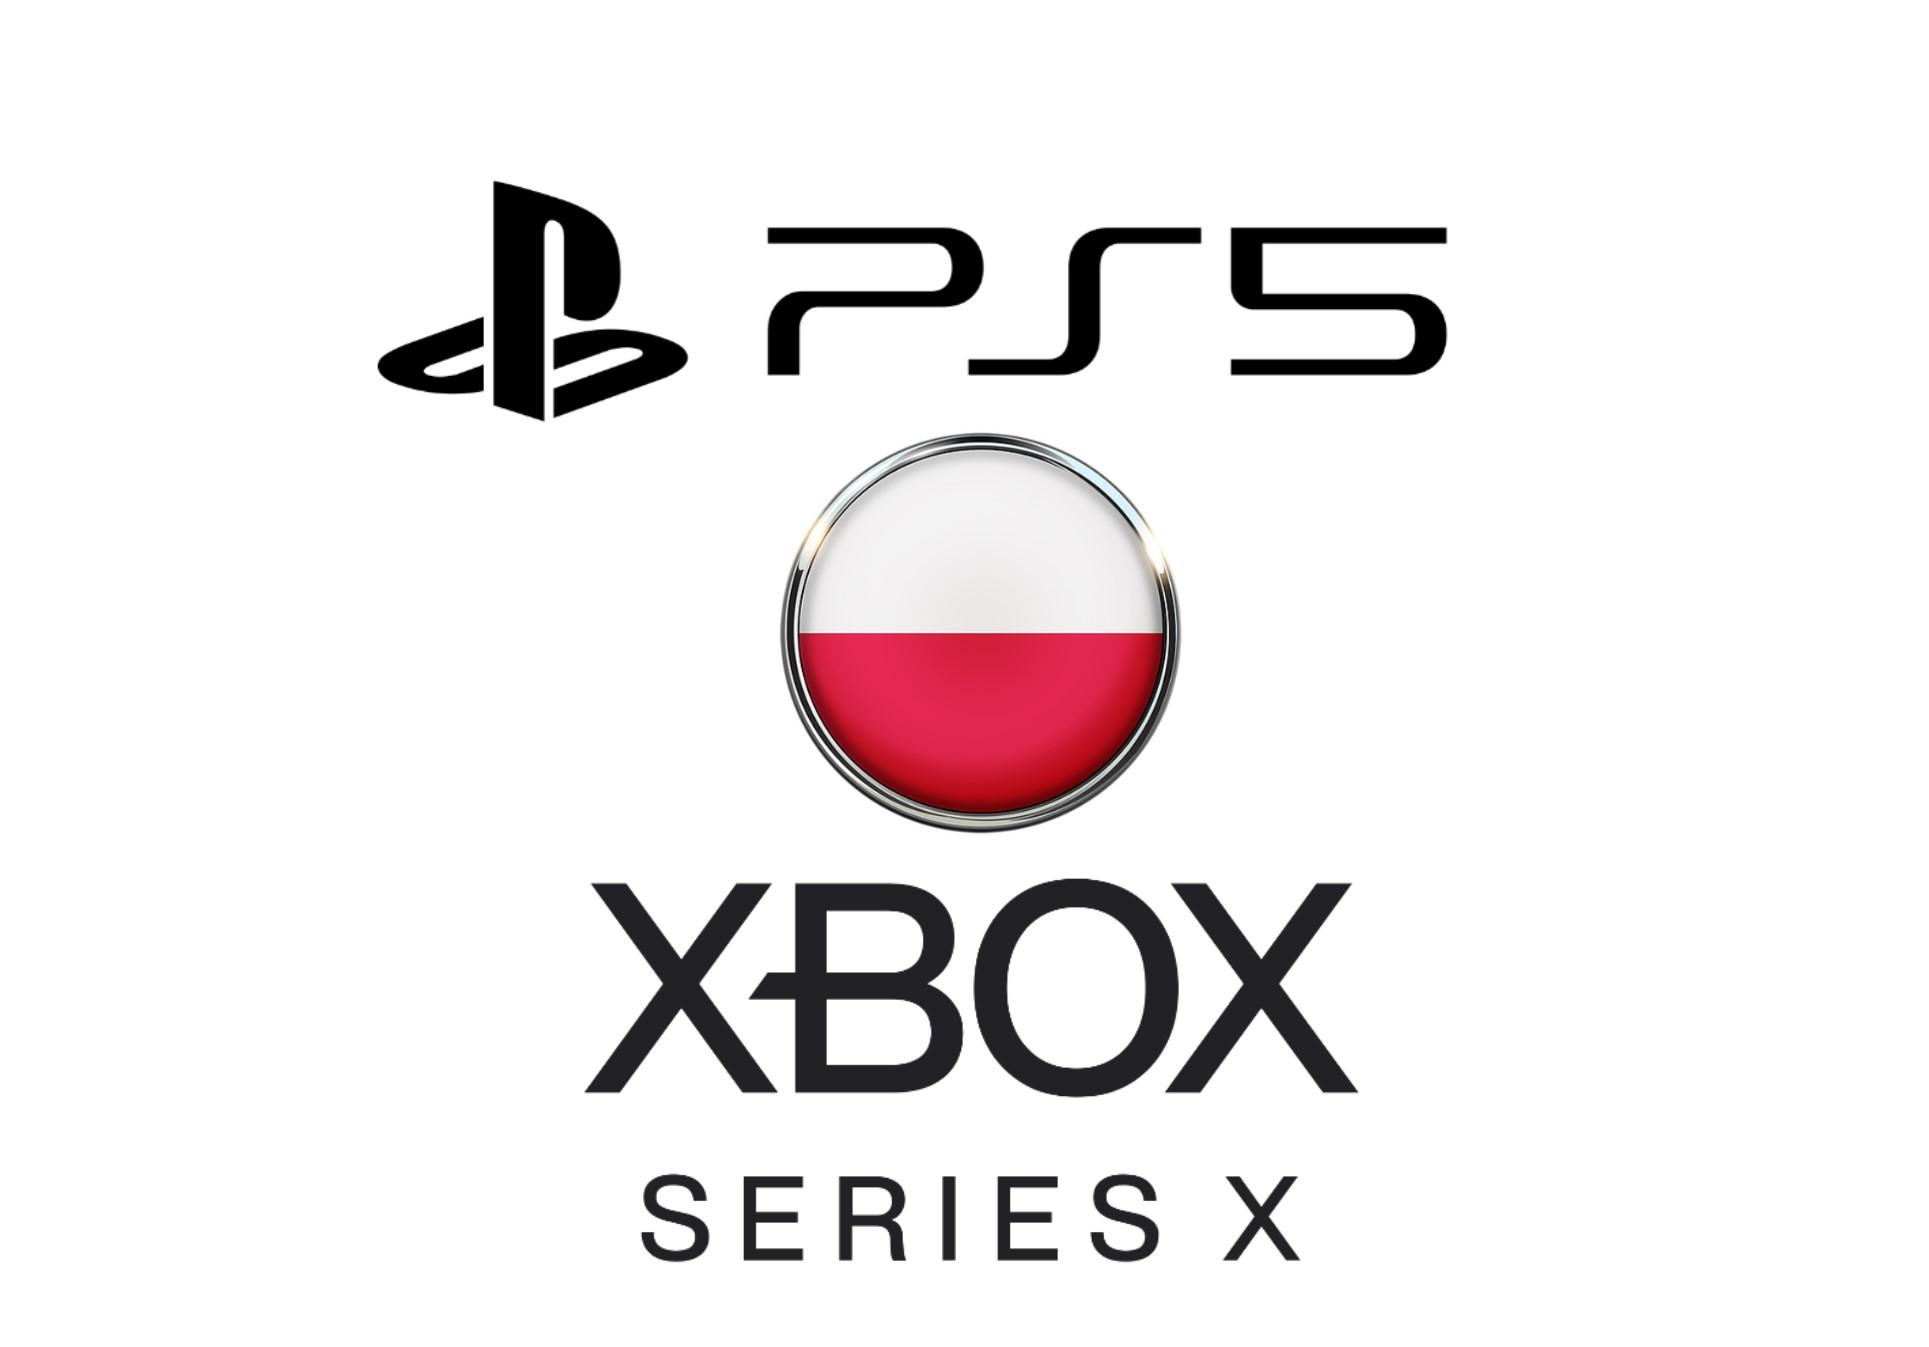 PlayStation 5 i Xbox Series X już do kupienia w Polsce? Wydawało mi się, że 1 kwietnia mamy już za sobą